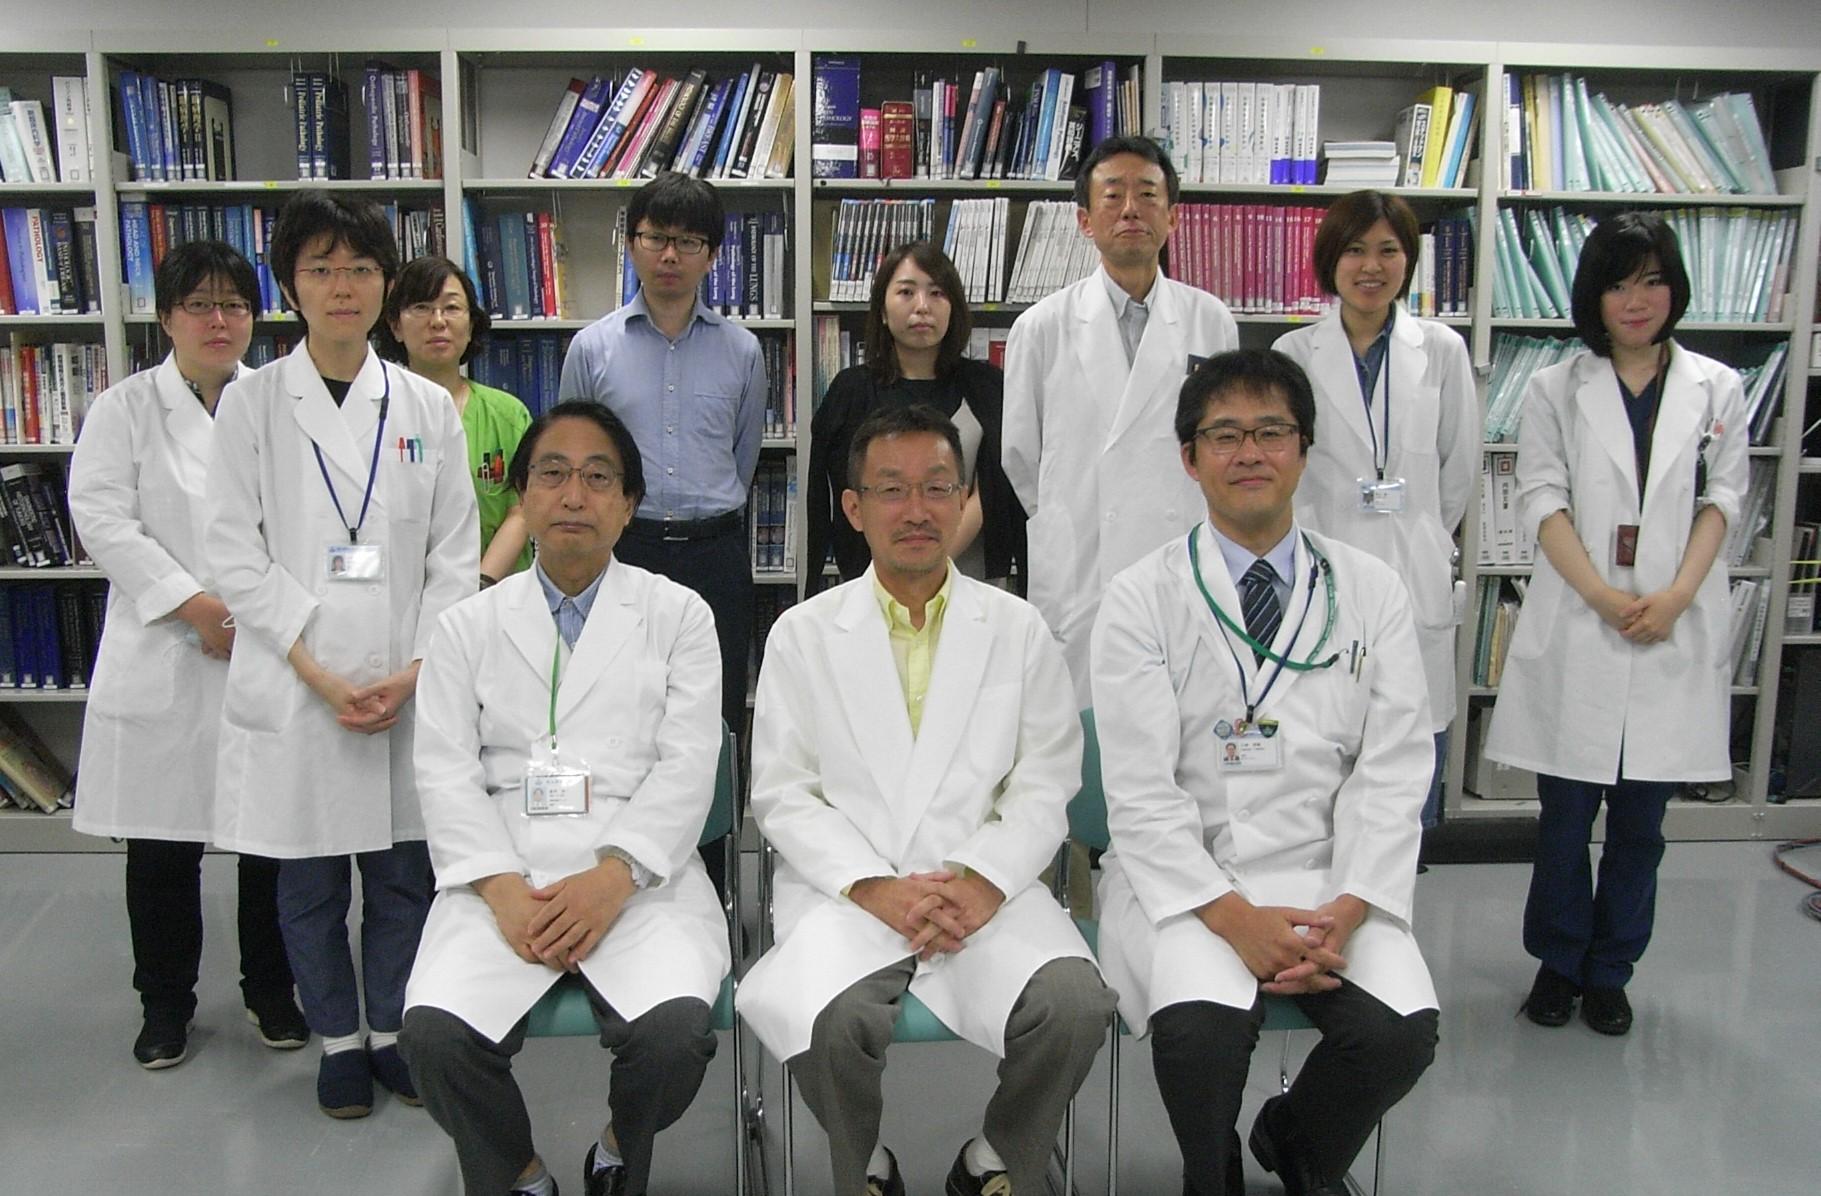 医科 病院 埼玉 大学